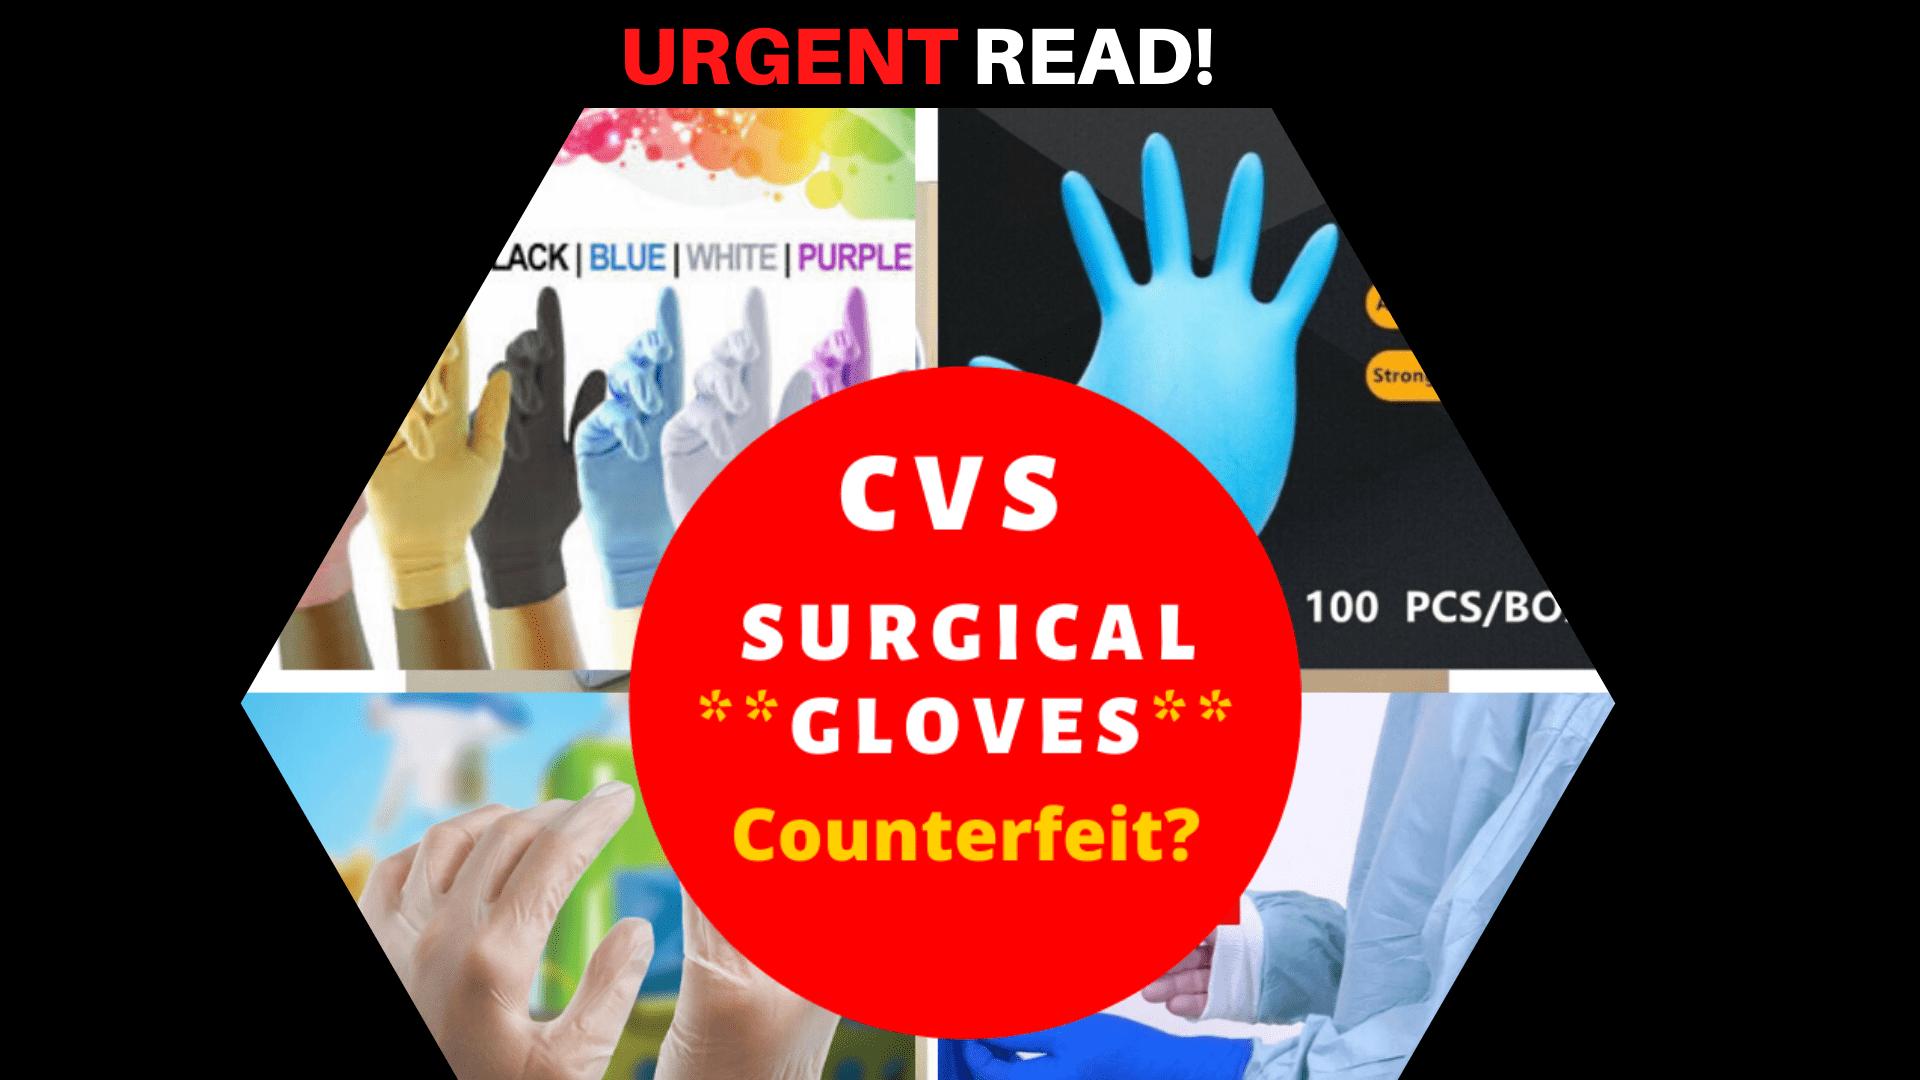 CVS Surgical GloveS